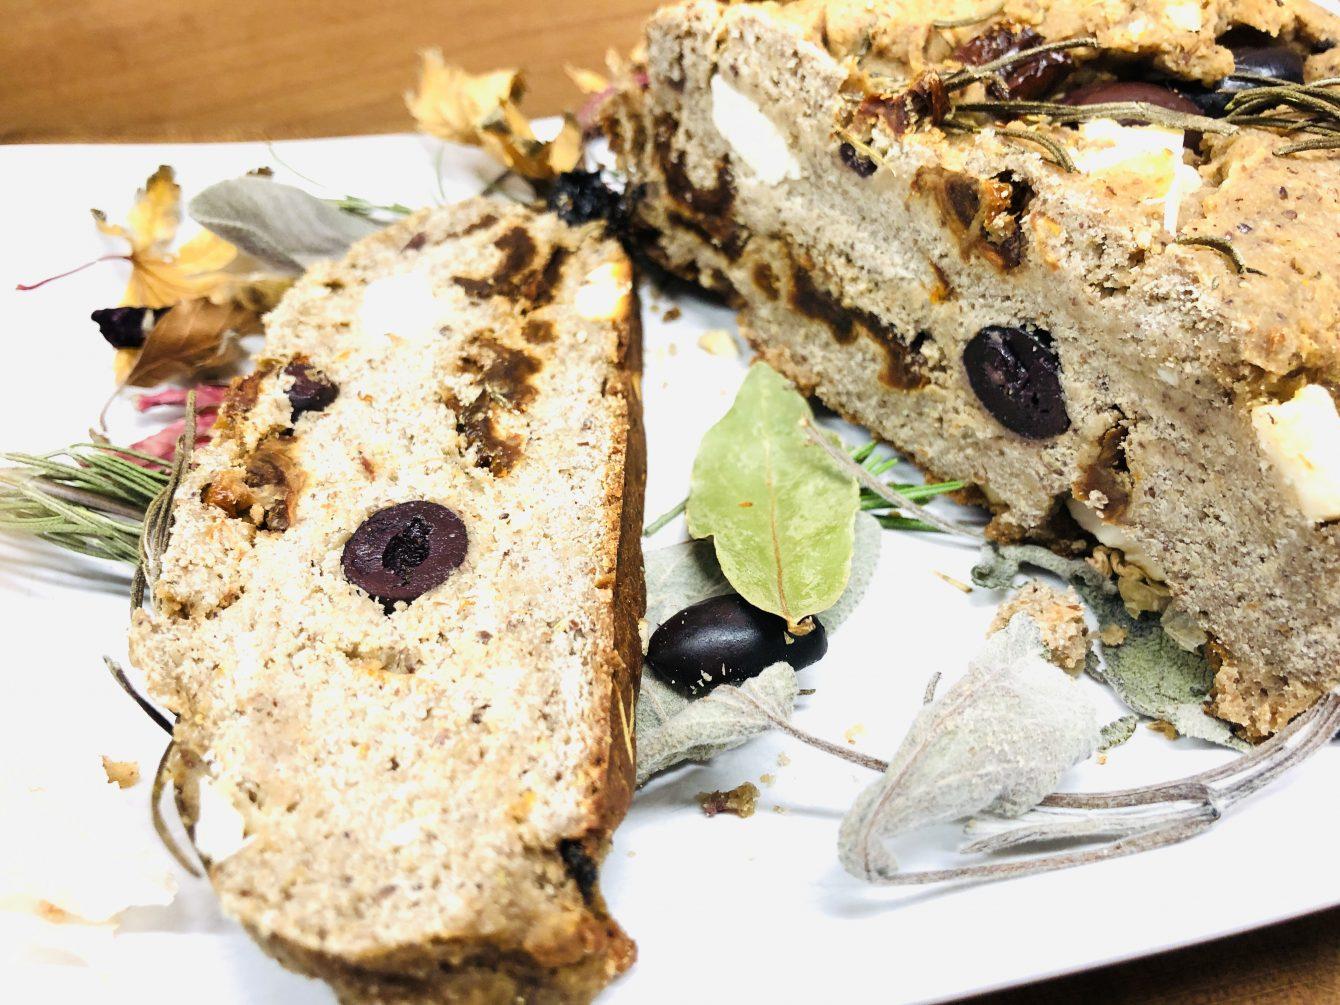 Italienisches Tomaten-Oliven-Brot mit Kräutern